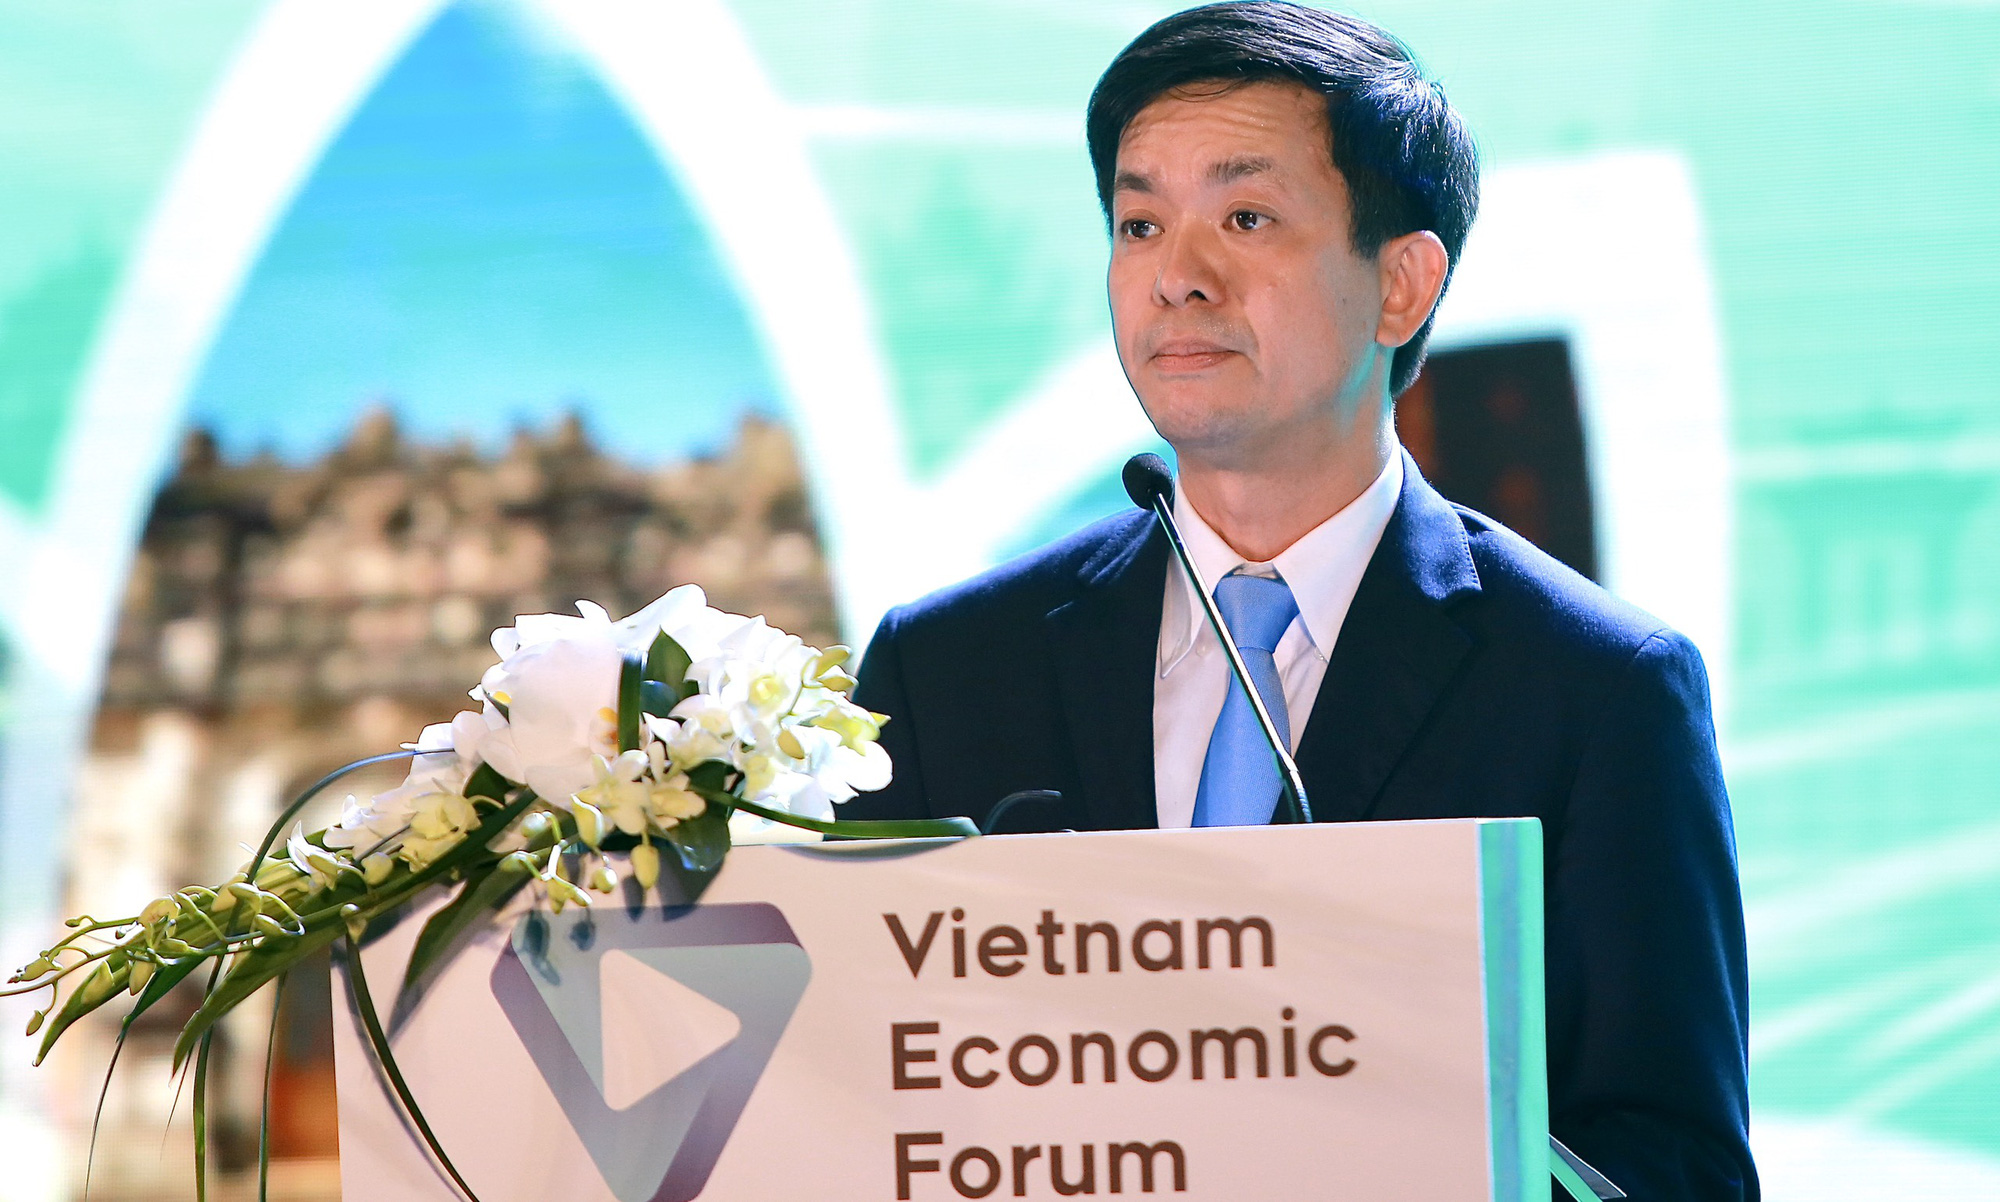 """Thứ trưởng Lê Quang Tùng: """"Diễn đàn Cấp cao Du lịch Việt Nam kỳ vọng sẽ tạo ra một làn gió mới cho ngành Du lịch"""" - Ảnh 1."""